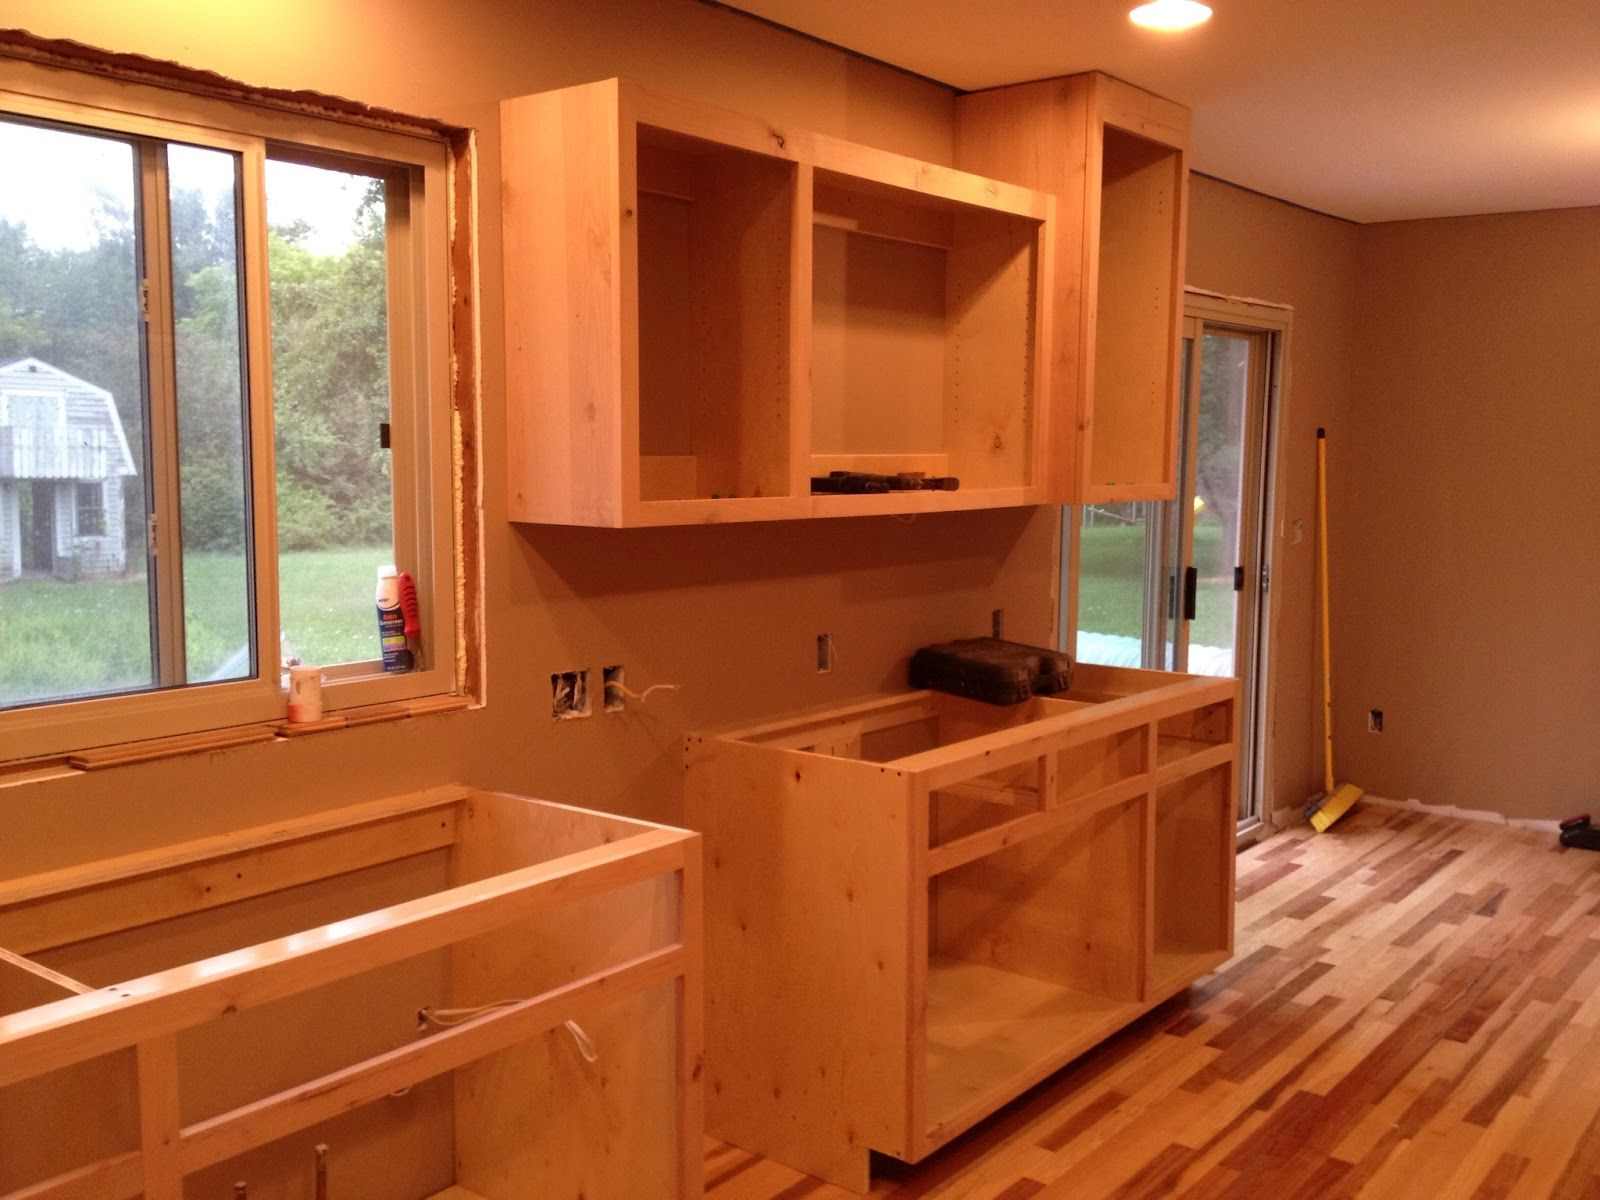 Bauen Sie Ihre Eigenen Küche Dies ist die neueste Informationen auf ...